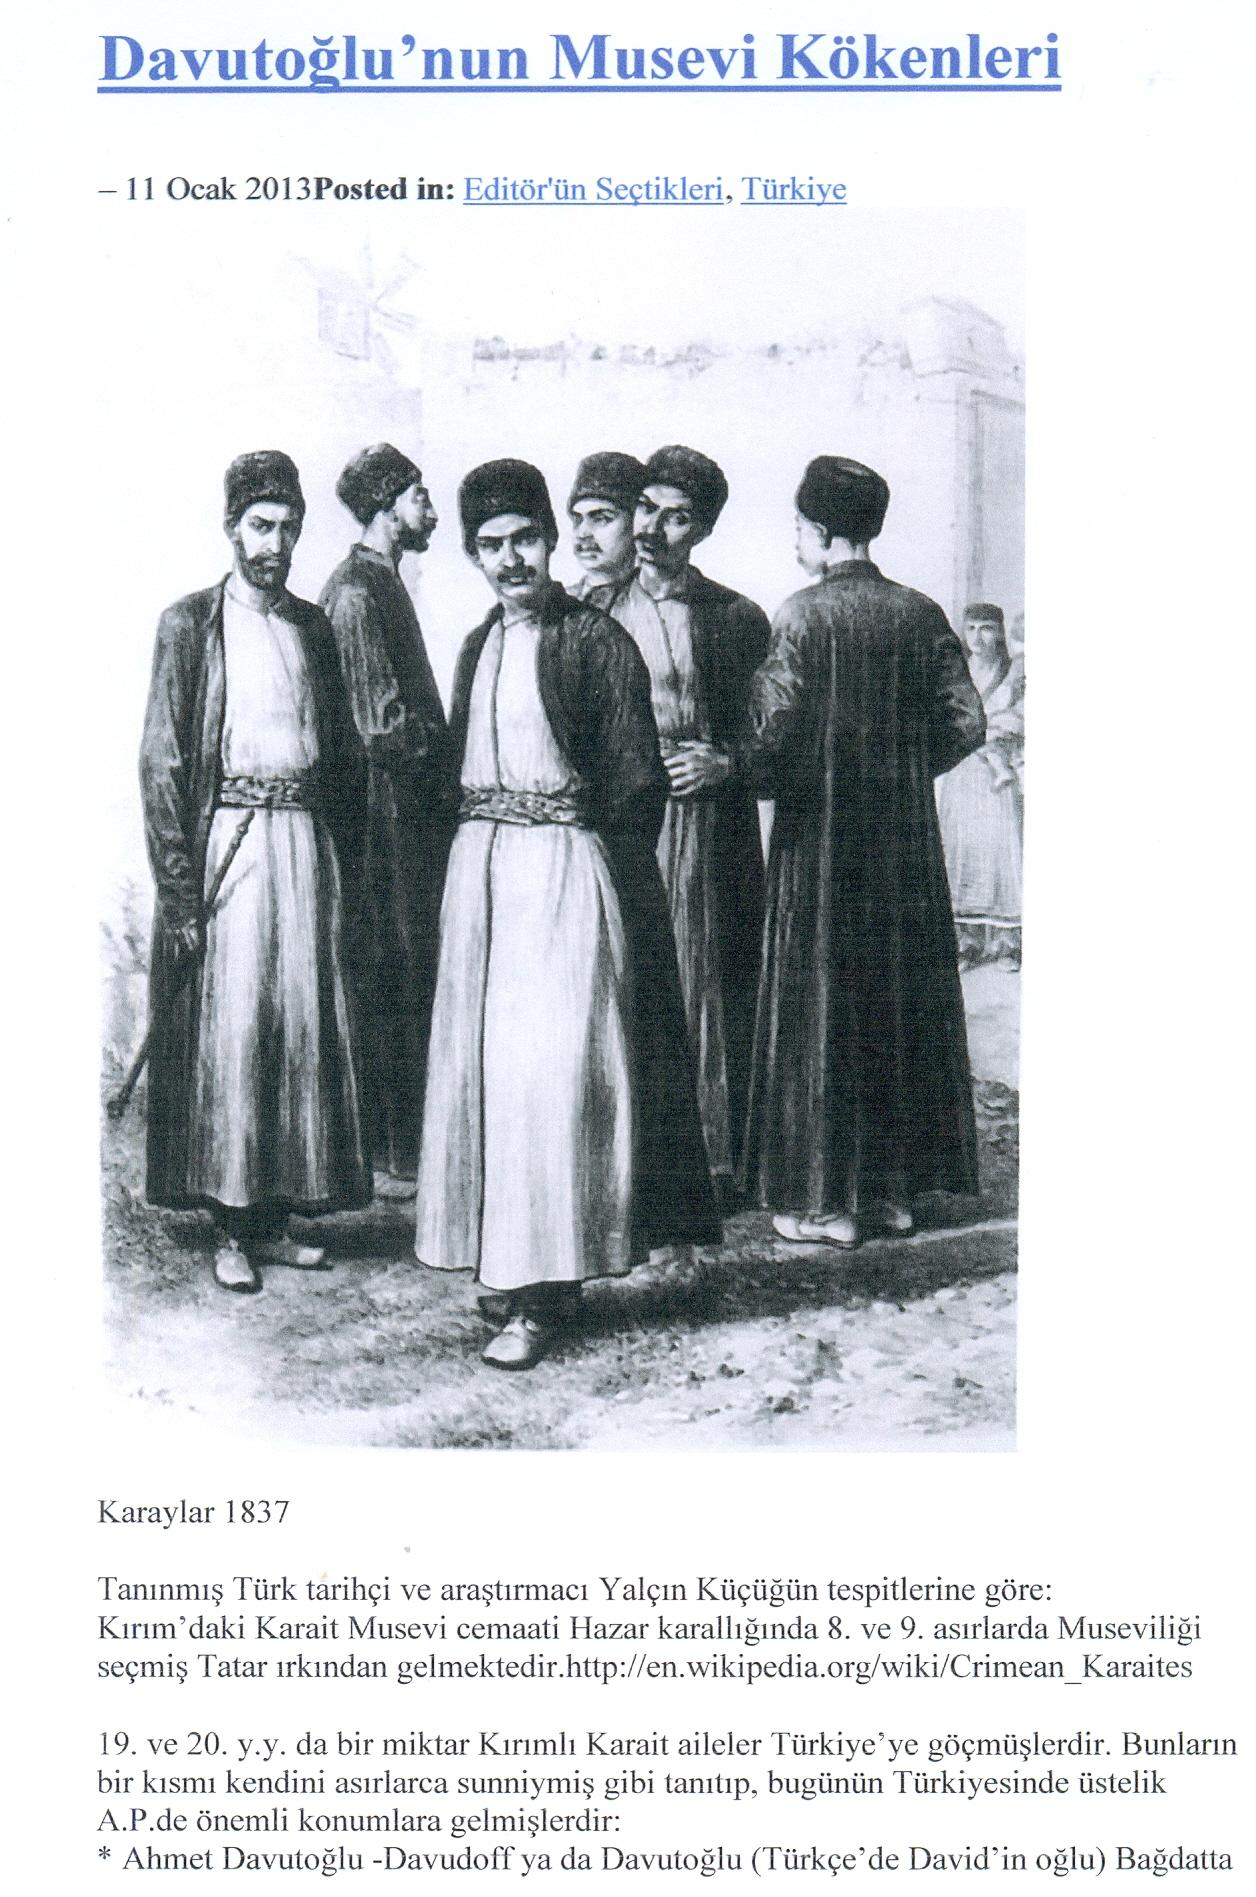 Ο ΑΧΜΕΤ ΝΤΑΒΟΥΤΟΛΓΟΥ ΚΑΙ ΤΟ ΜΥΣΤΗΡΙΟ ΤΩΝ ΕΒΡΑΙΩΝ  ΤΟΥ ΚΑΥΚΑΣΟΥ